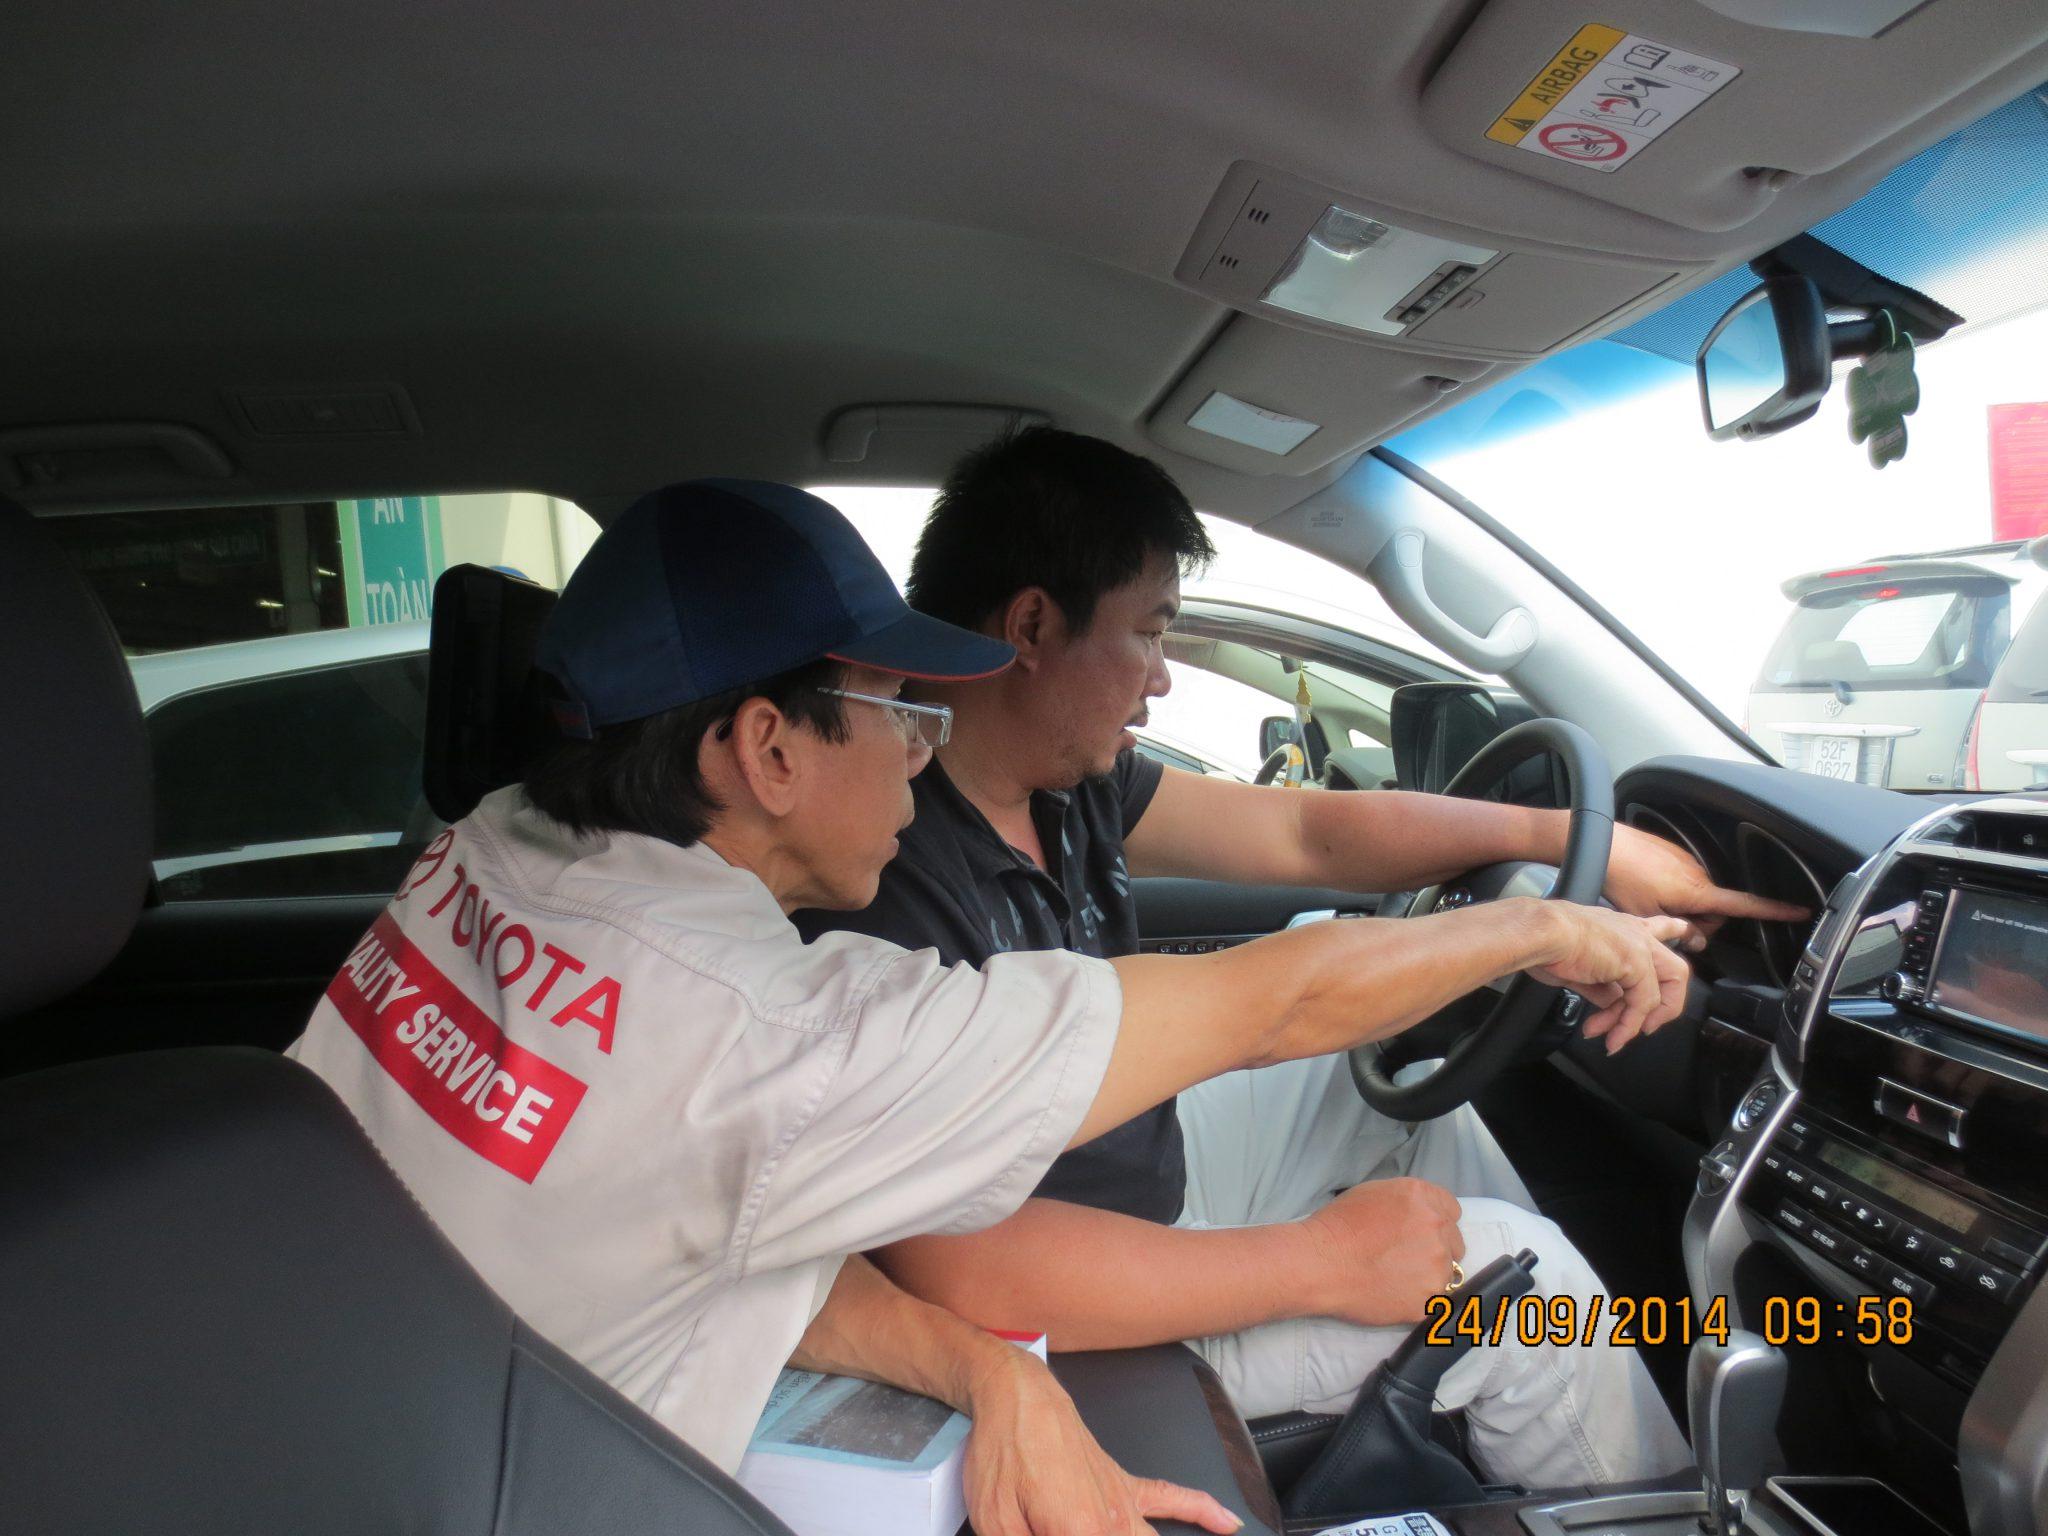 Toyota Hùng Vương Quận 6 ảnh 7 - Toyota Hùng Vương Quận 6